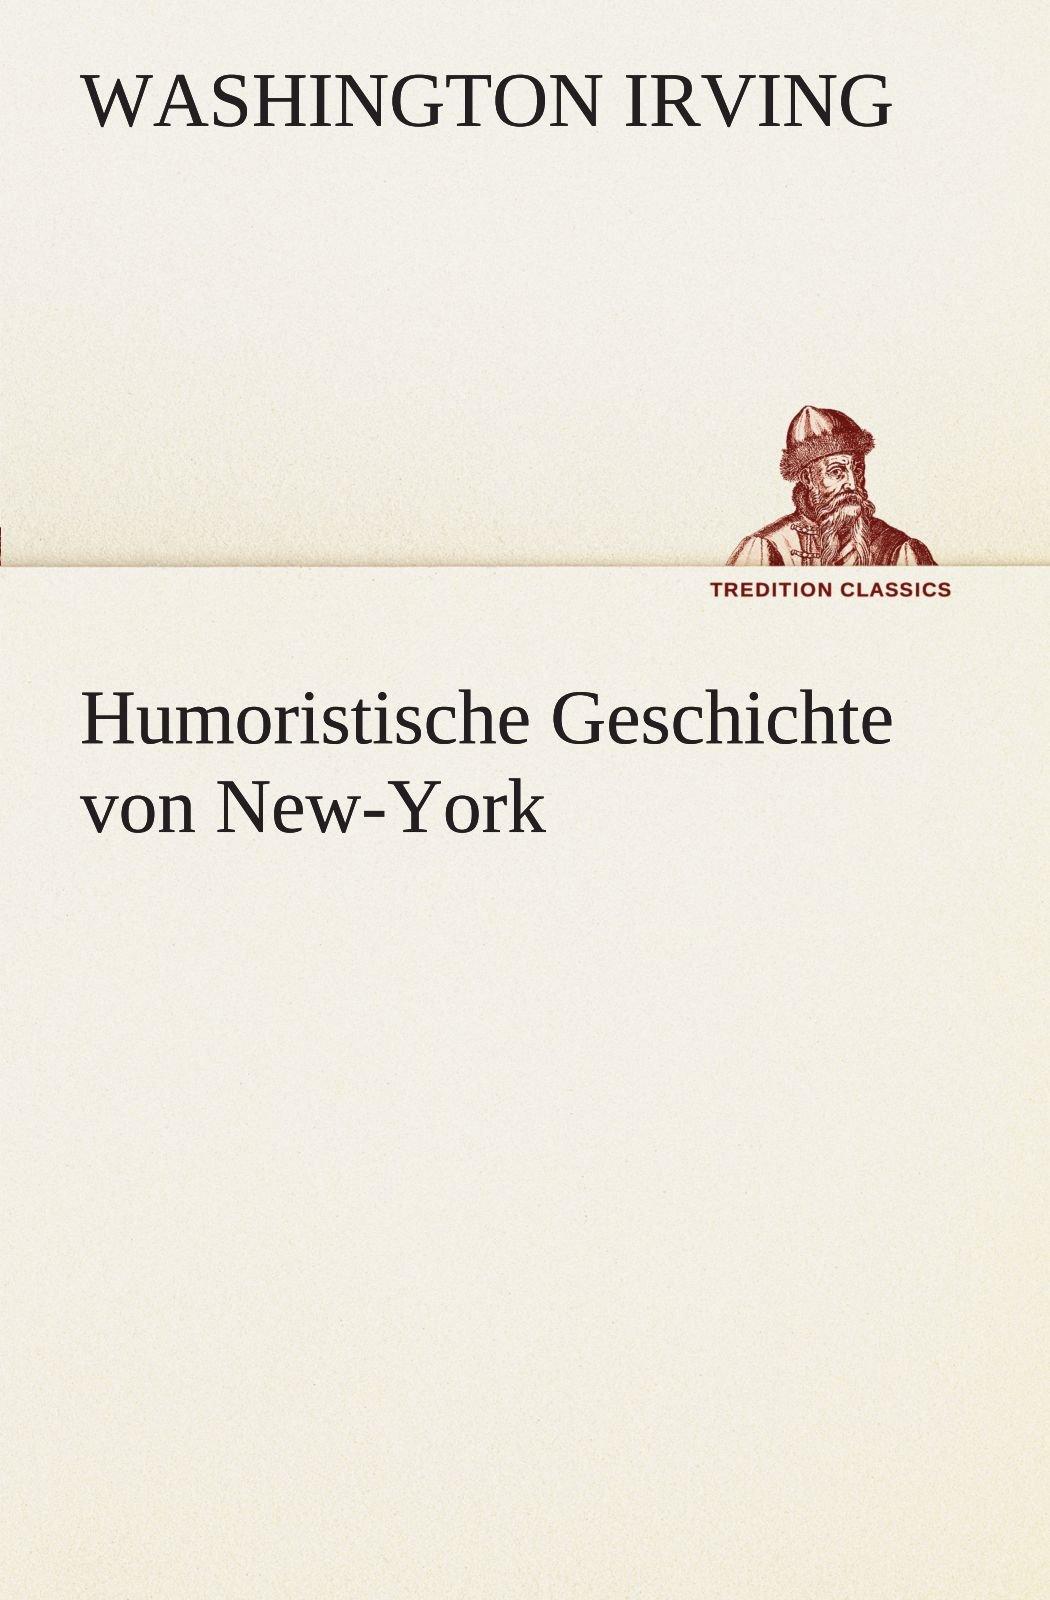 Humoristische Geschichte von New-York (TREDITION CLASSICS)